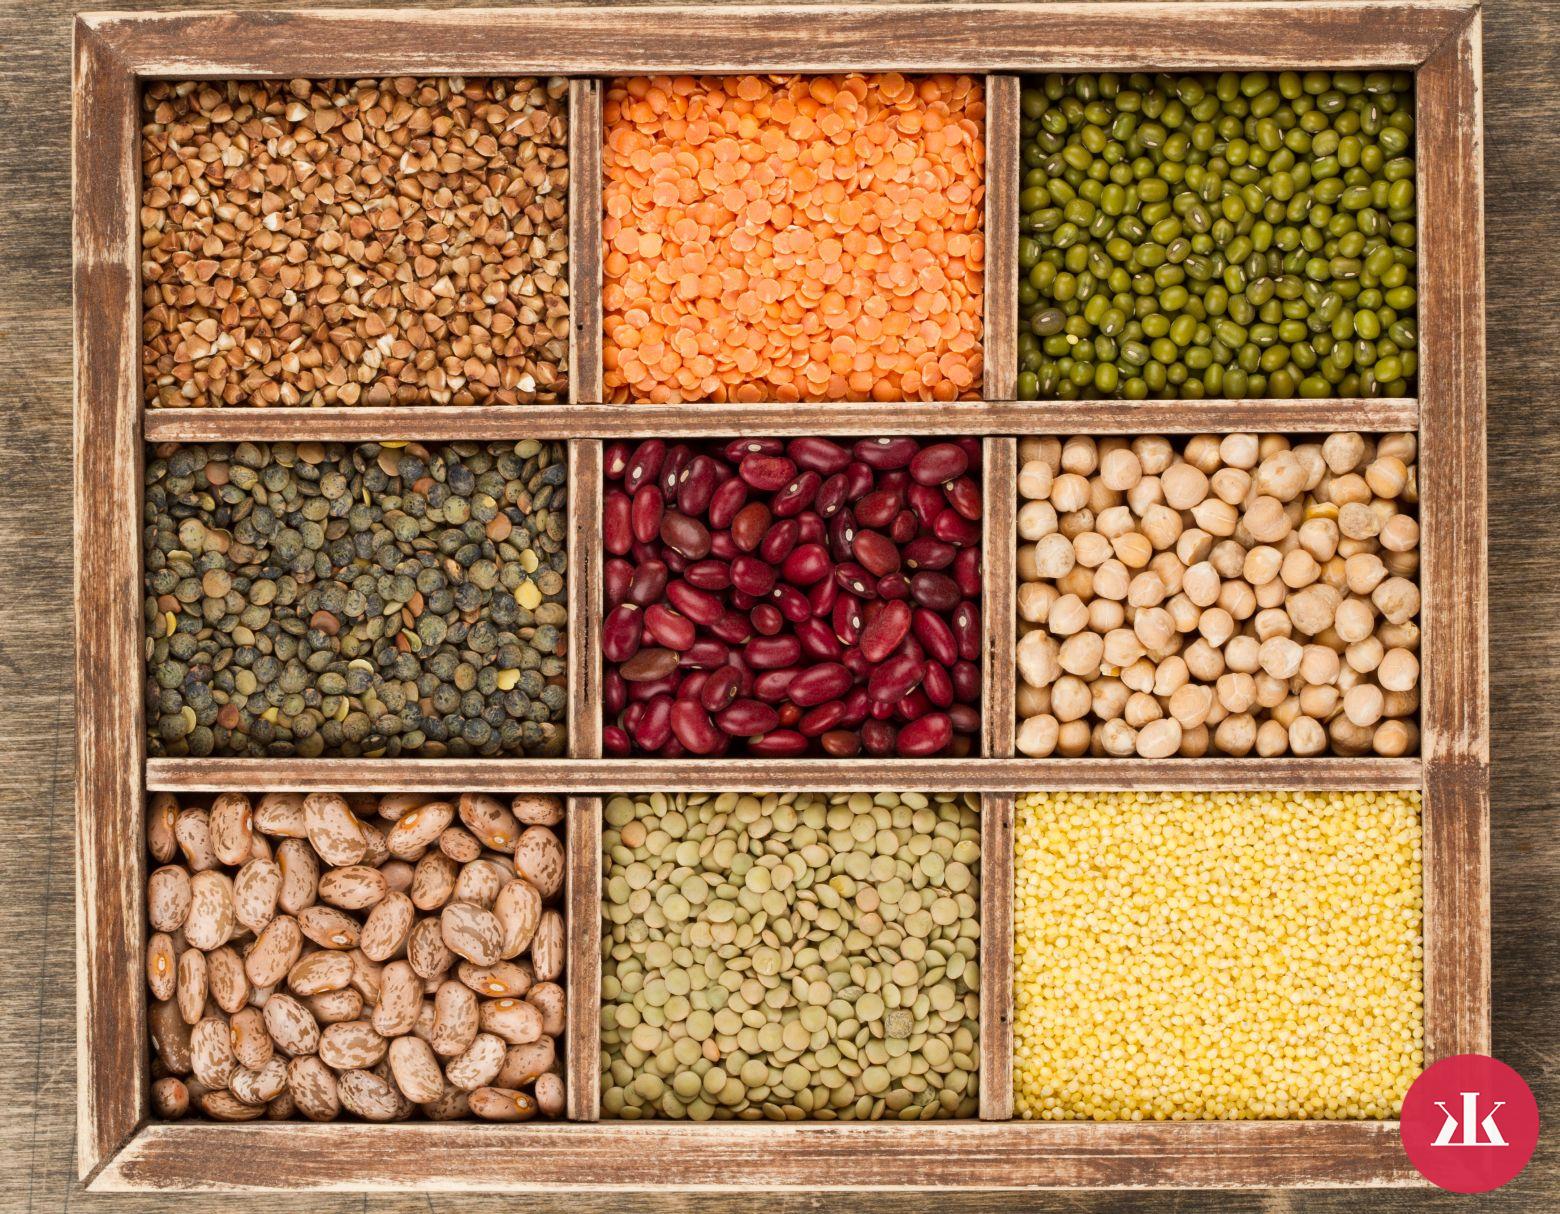 44d339673 Antinutrienty: Aké potraviny ich obsahujú a prečo ich treba jesť s ...